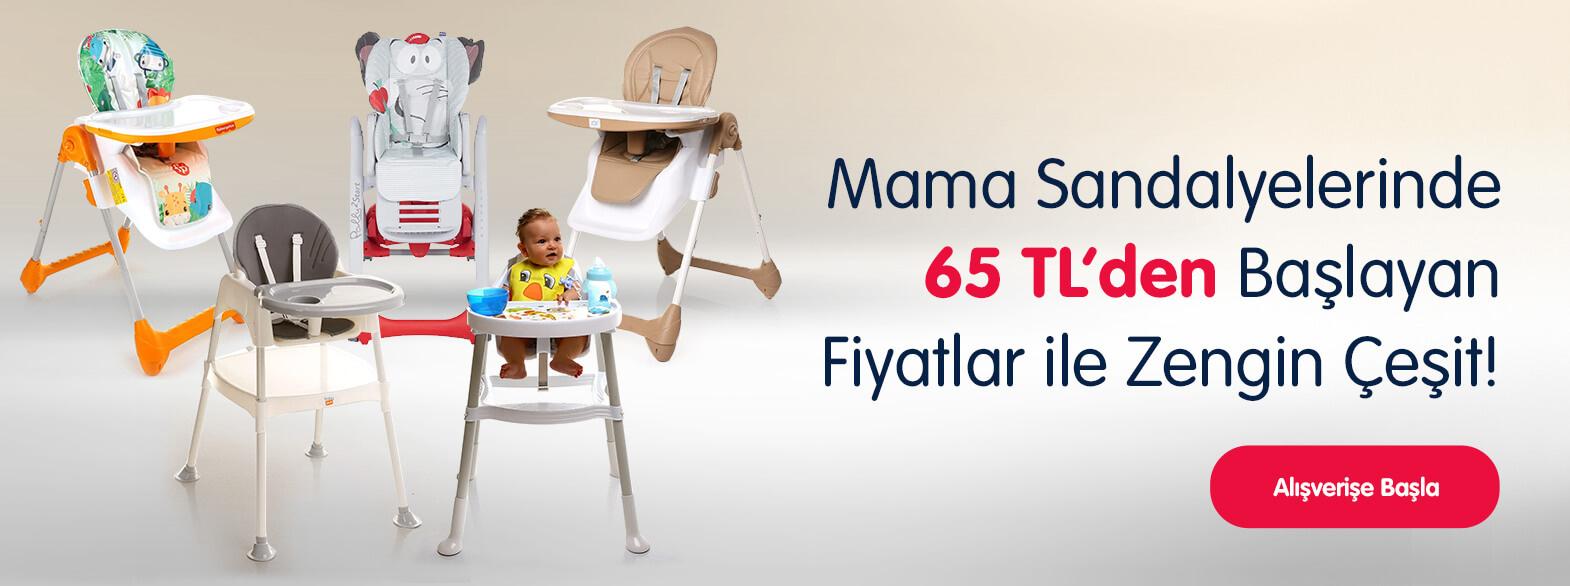 08-01-2020-mama-sandalyeleri-tr-yeni.jpg